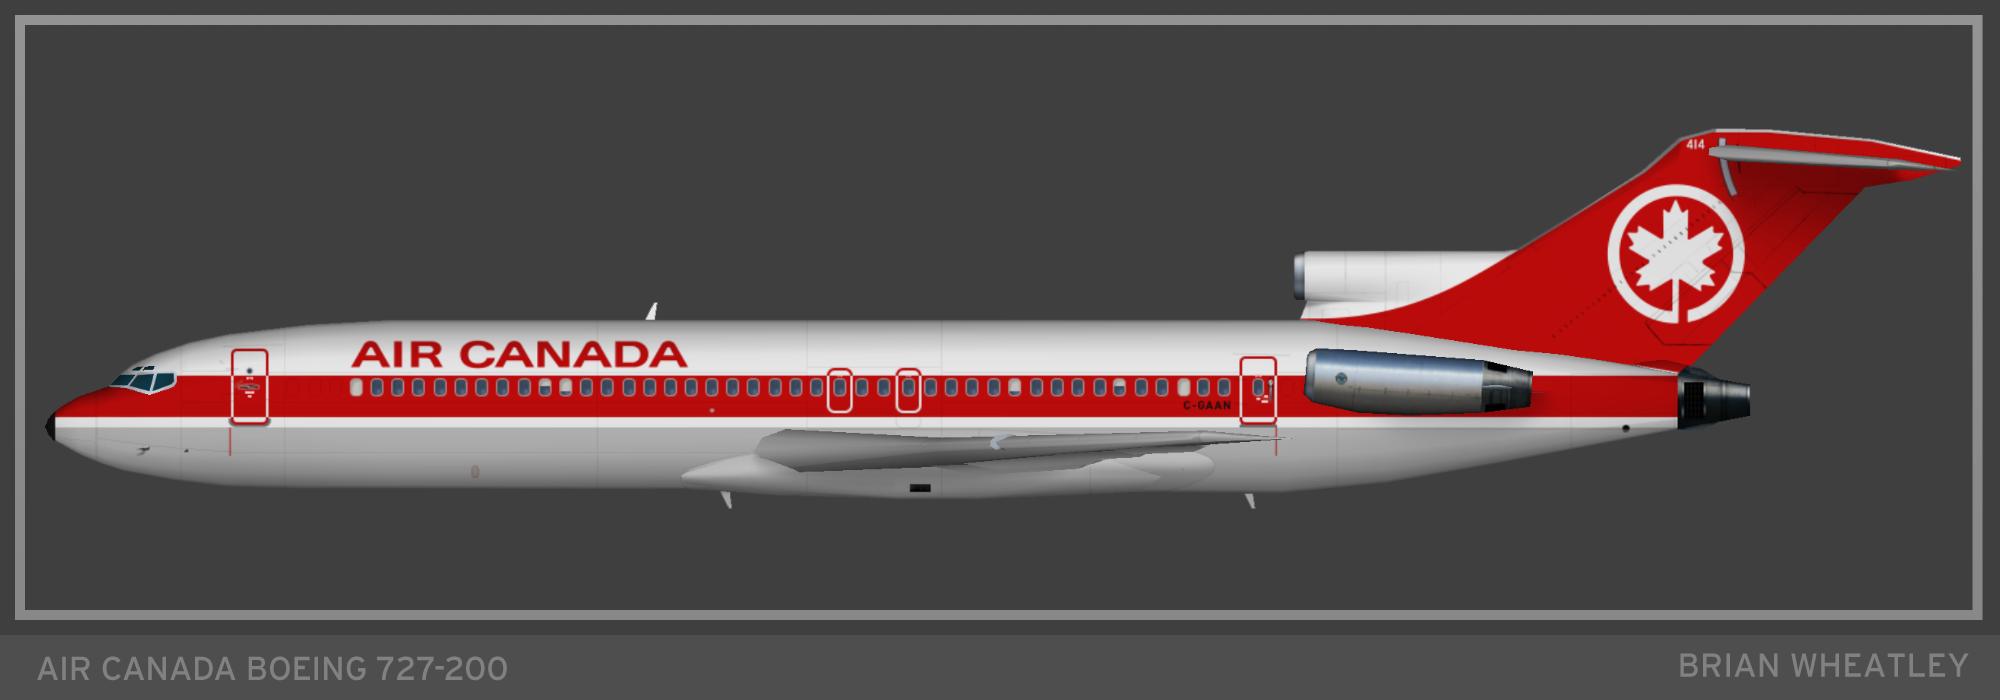 brw_b72s_aircanada